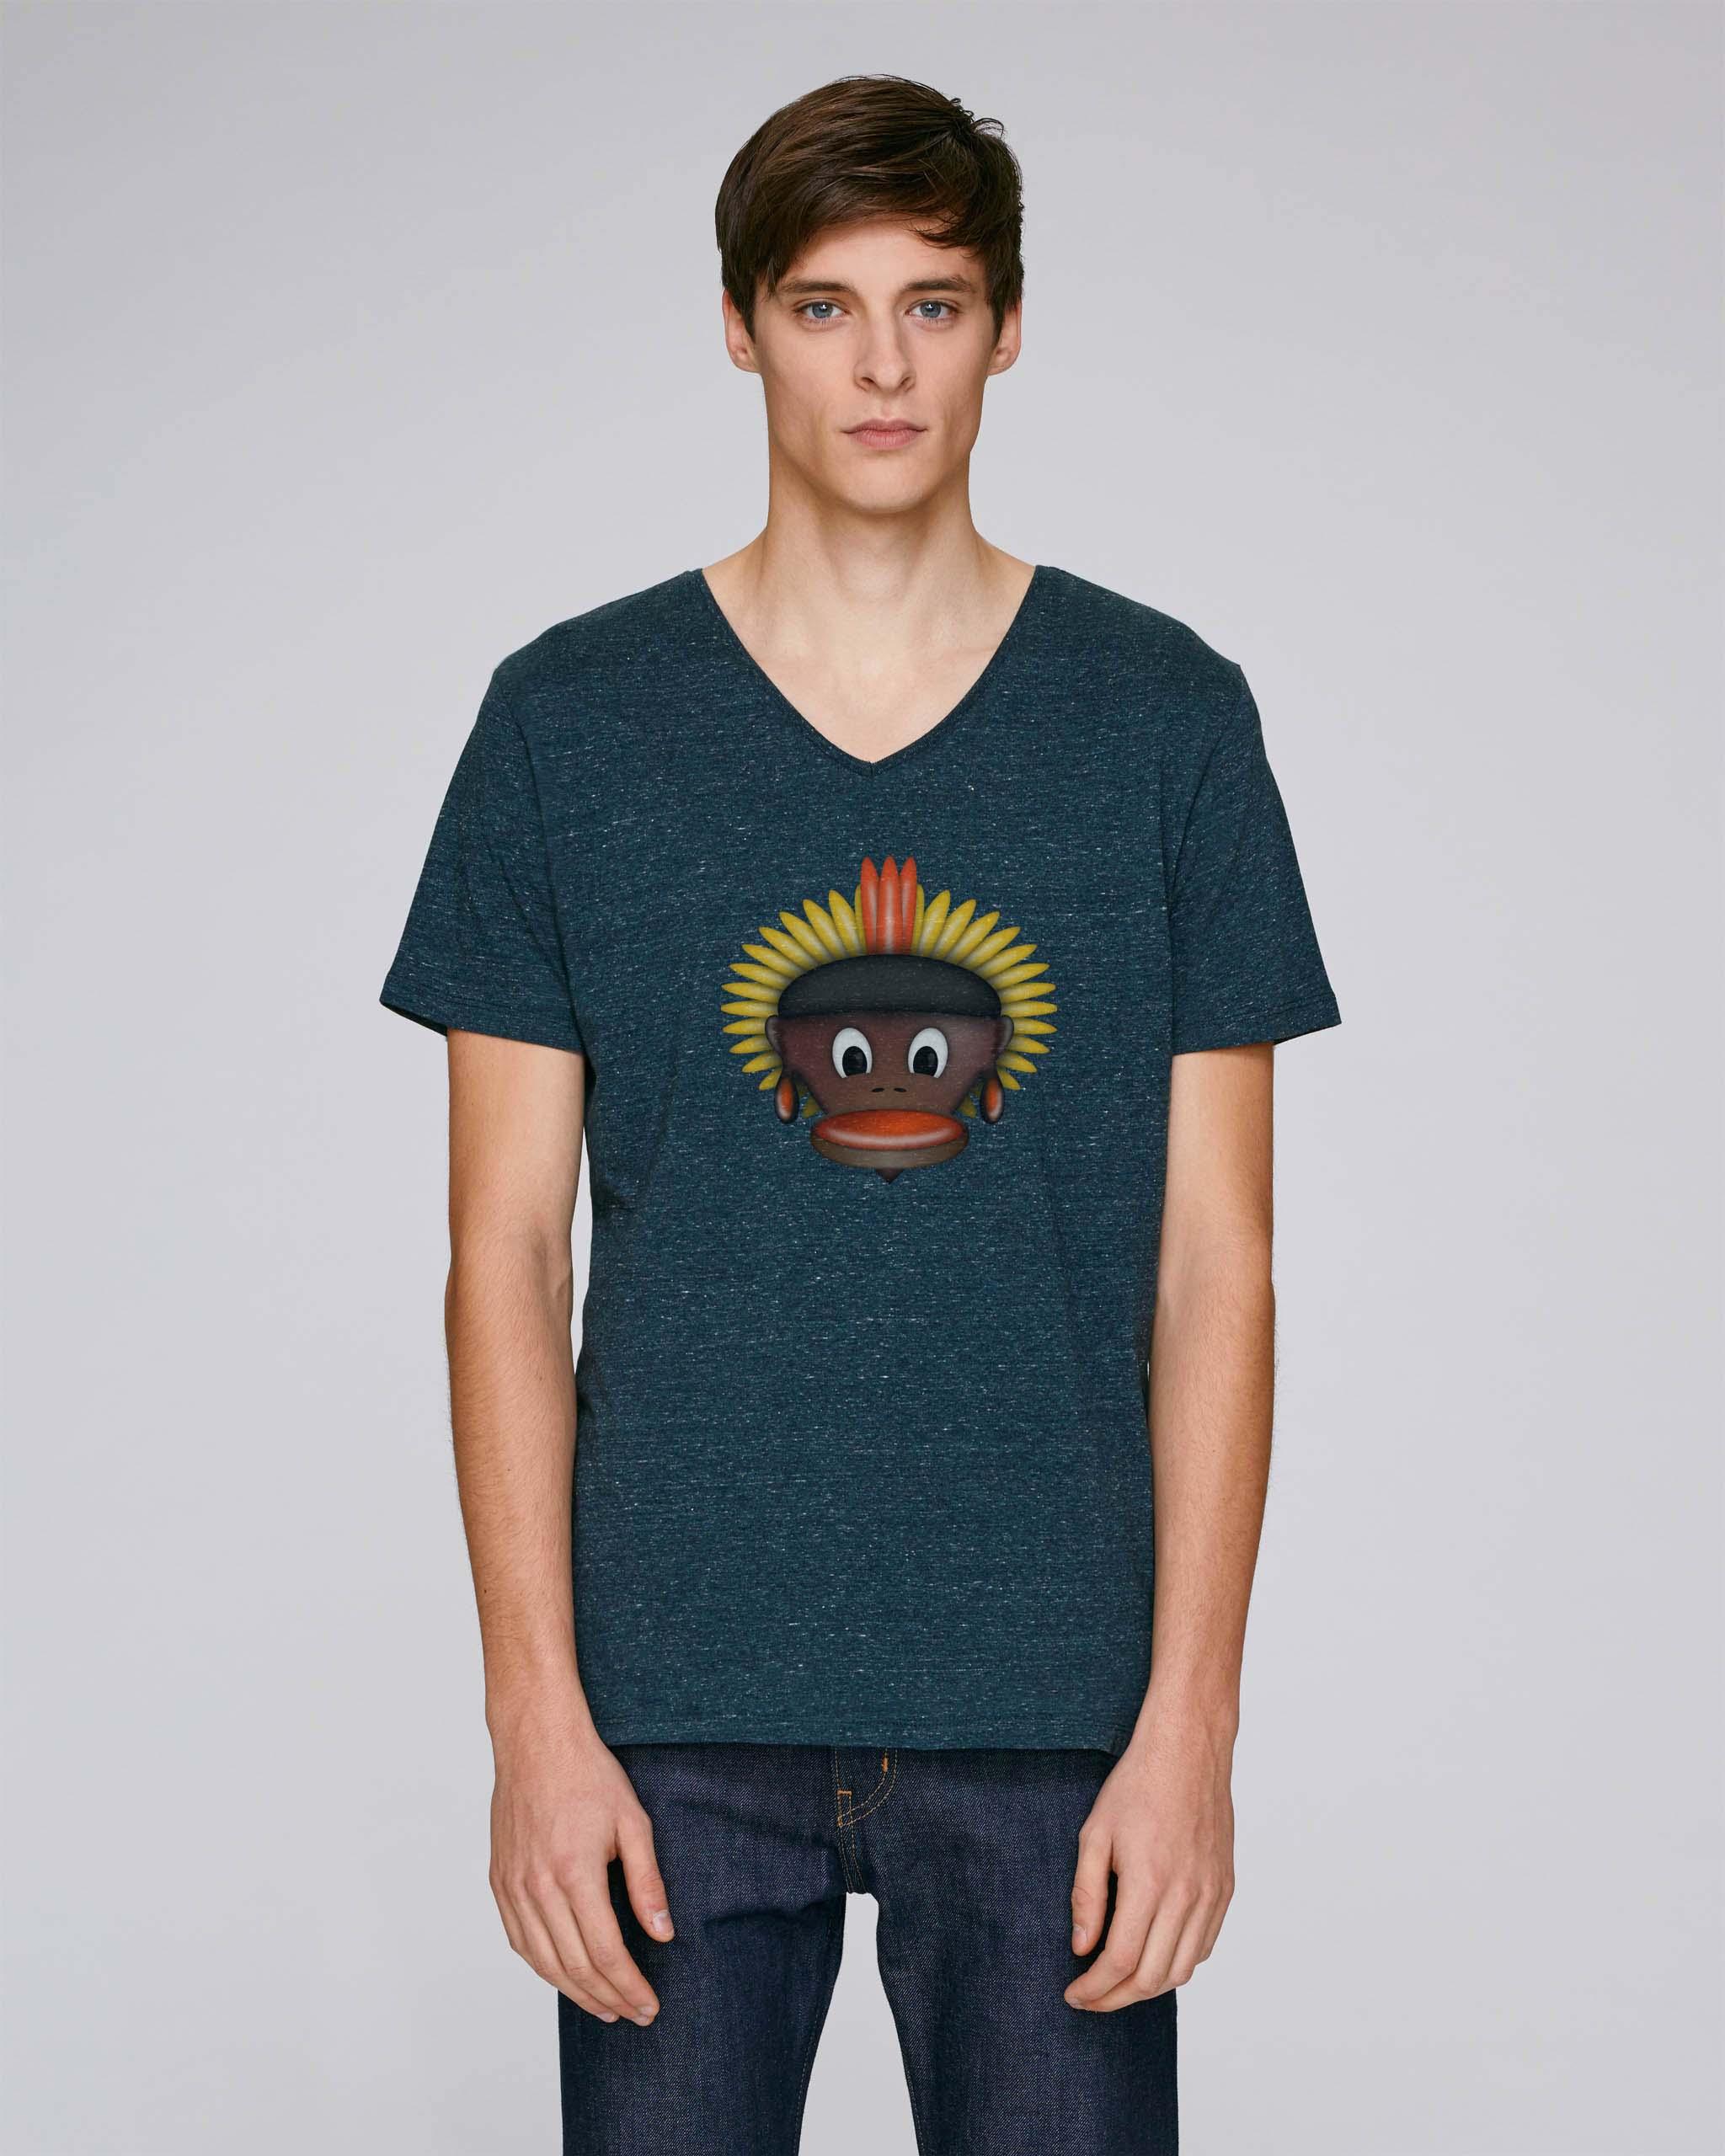 T-Shirt Vert Bio Homme - Tribe tee